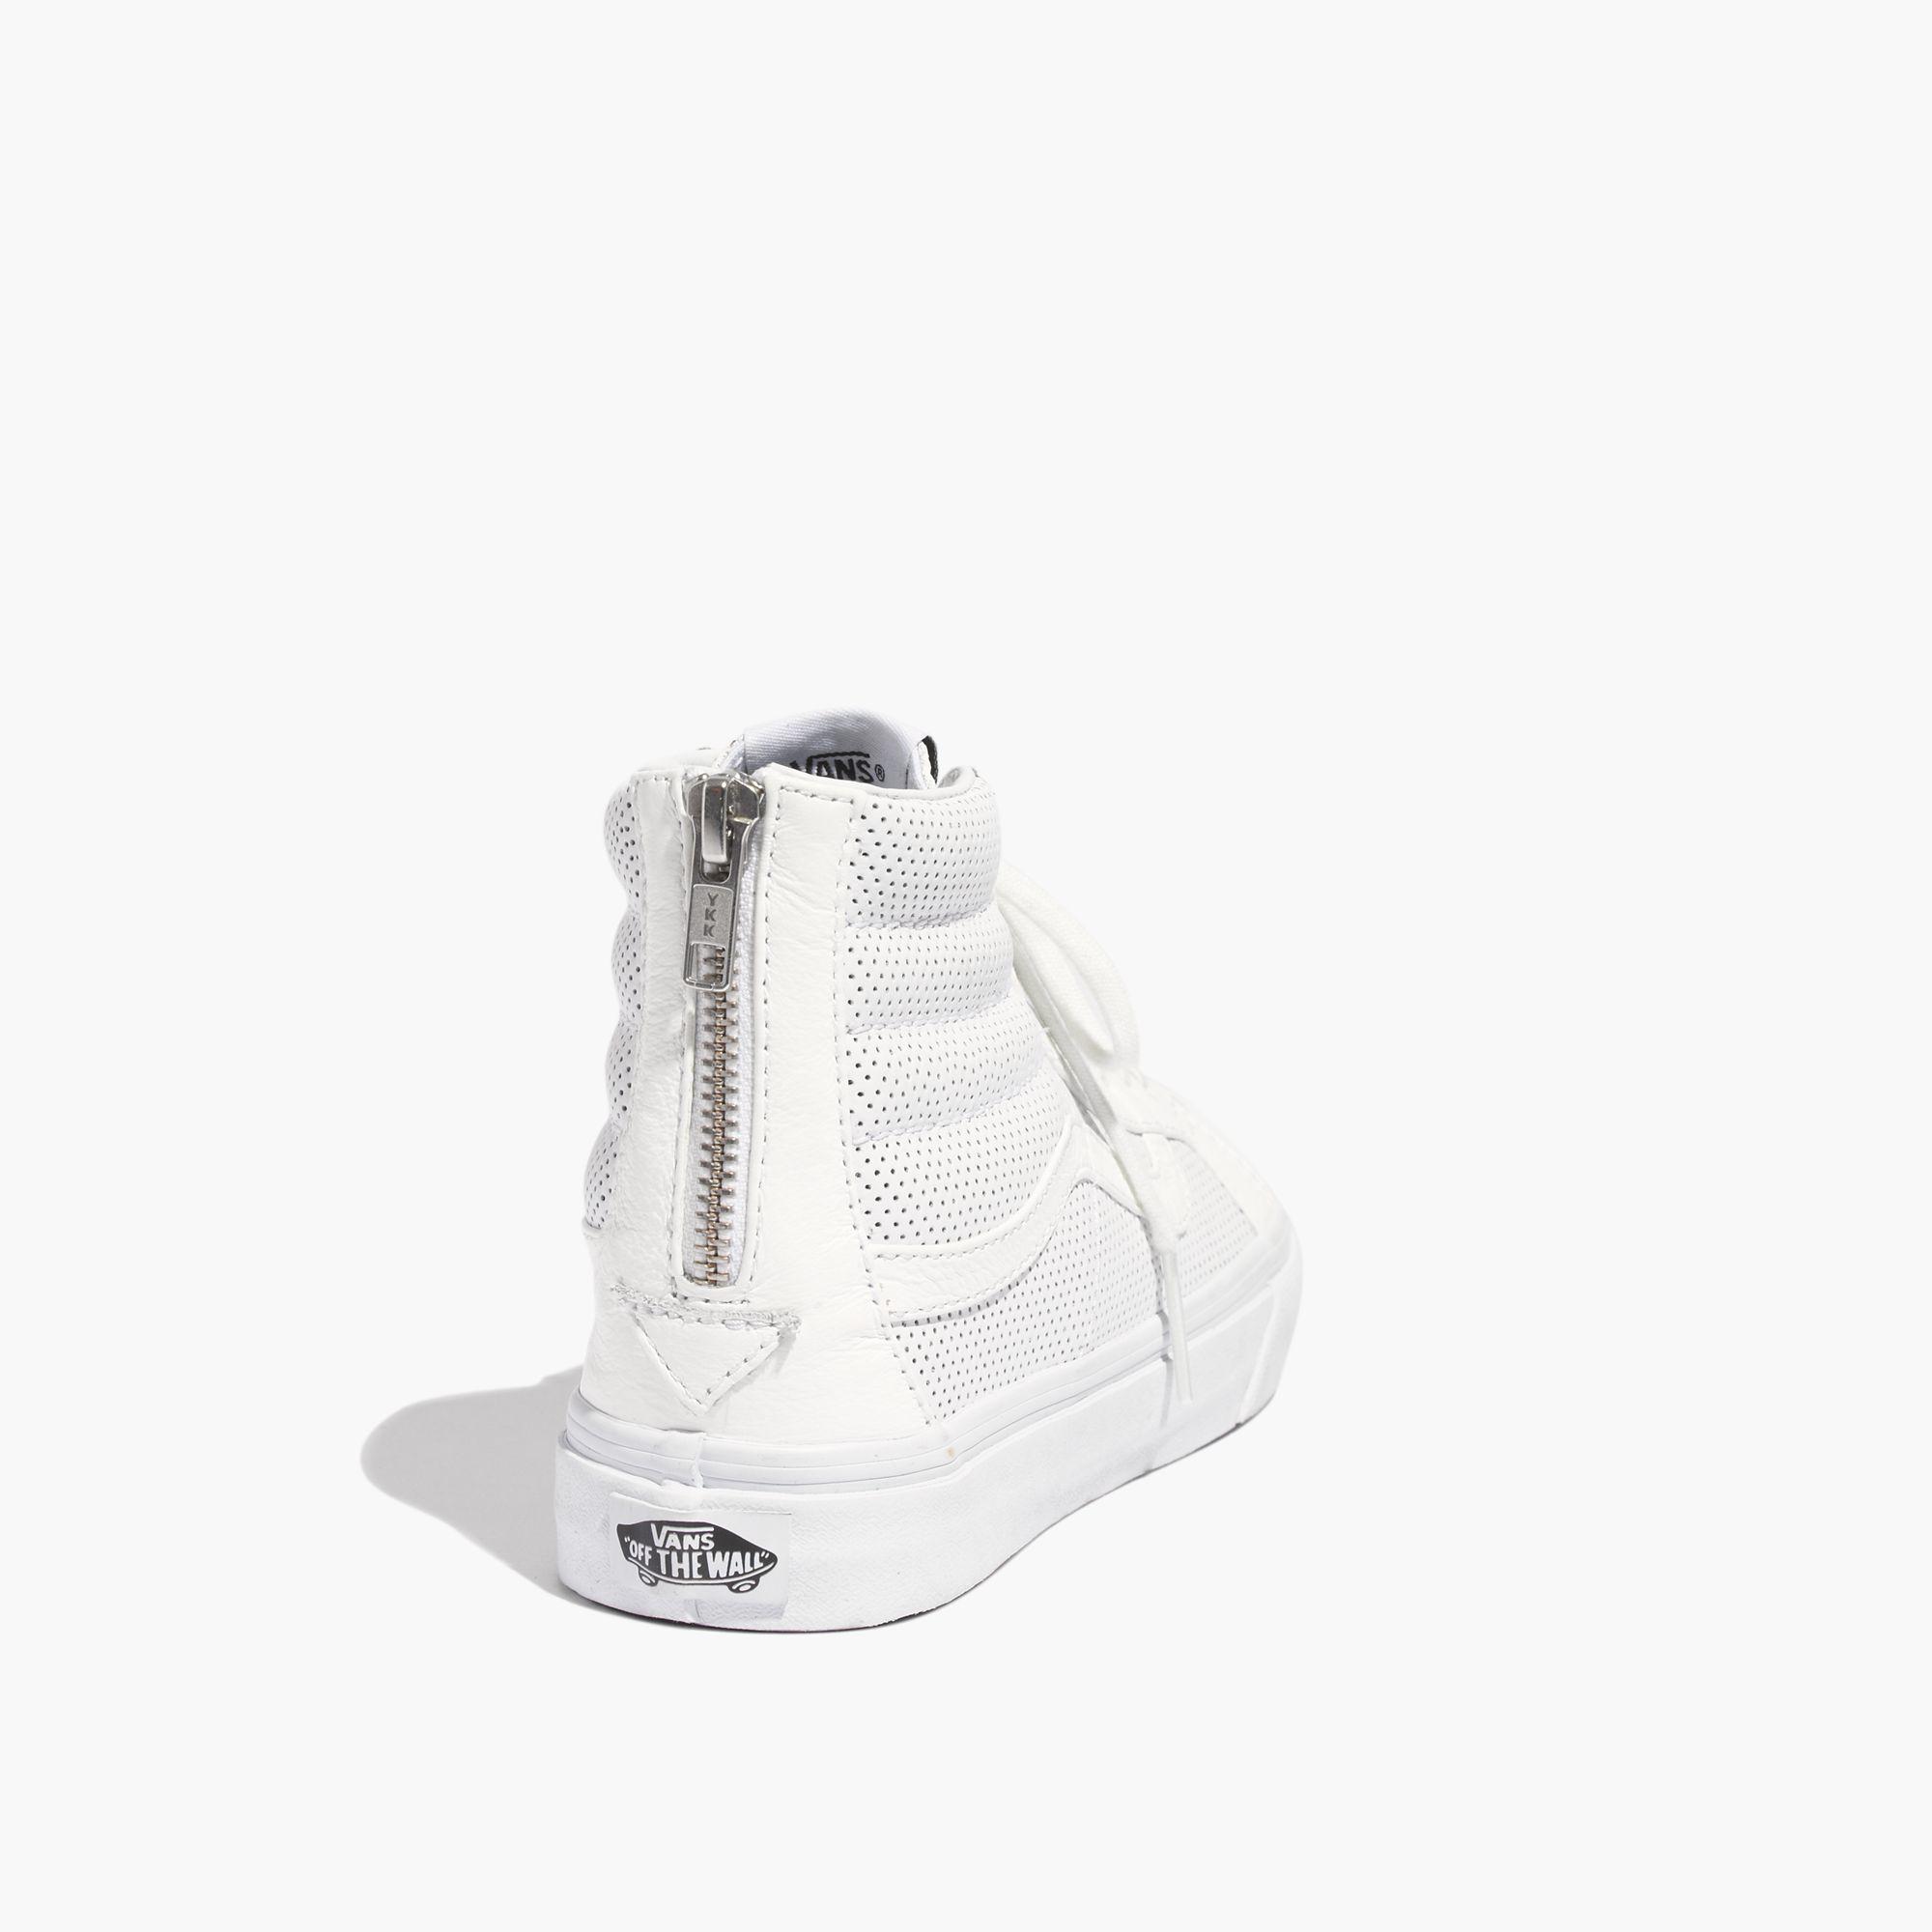 Lyst - Madewell Vans® Sk8-Hi Slim Zip High-Top Sneakers In ... a00efb89e